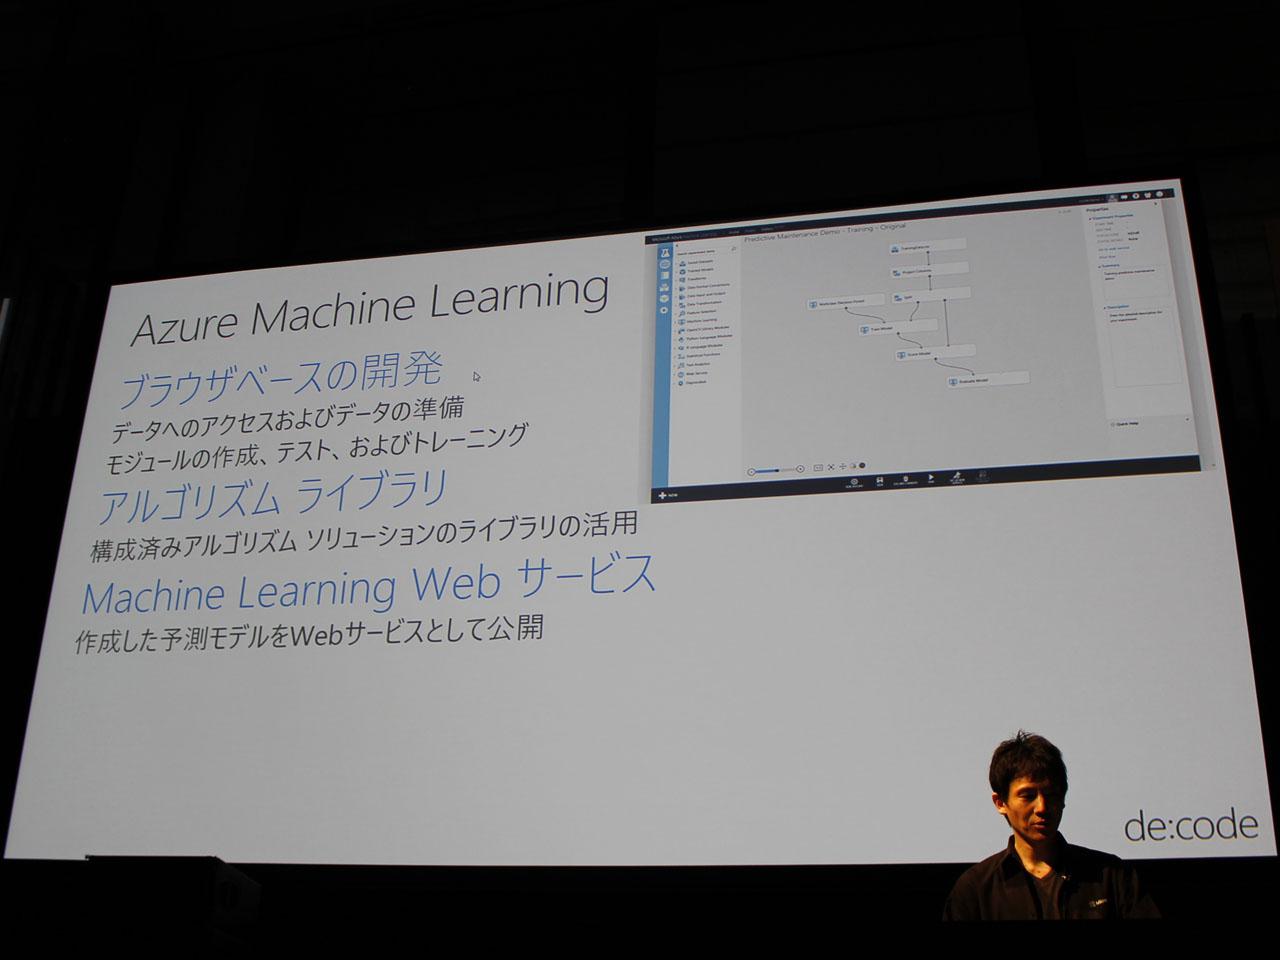 Azure Machine Learningの予測アルゴリズムはソリューションライブラリとして提供されている